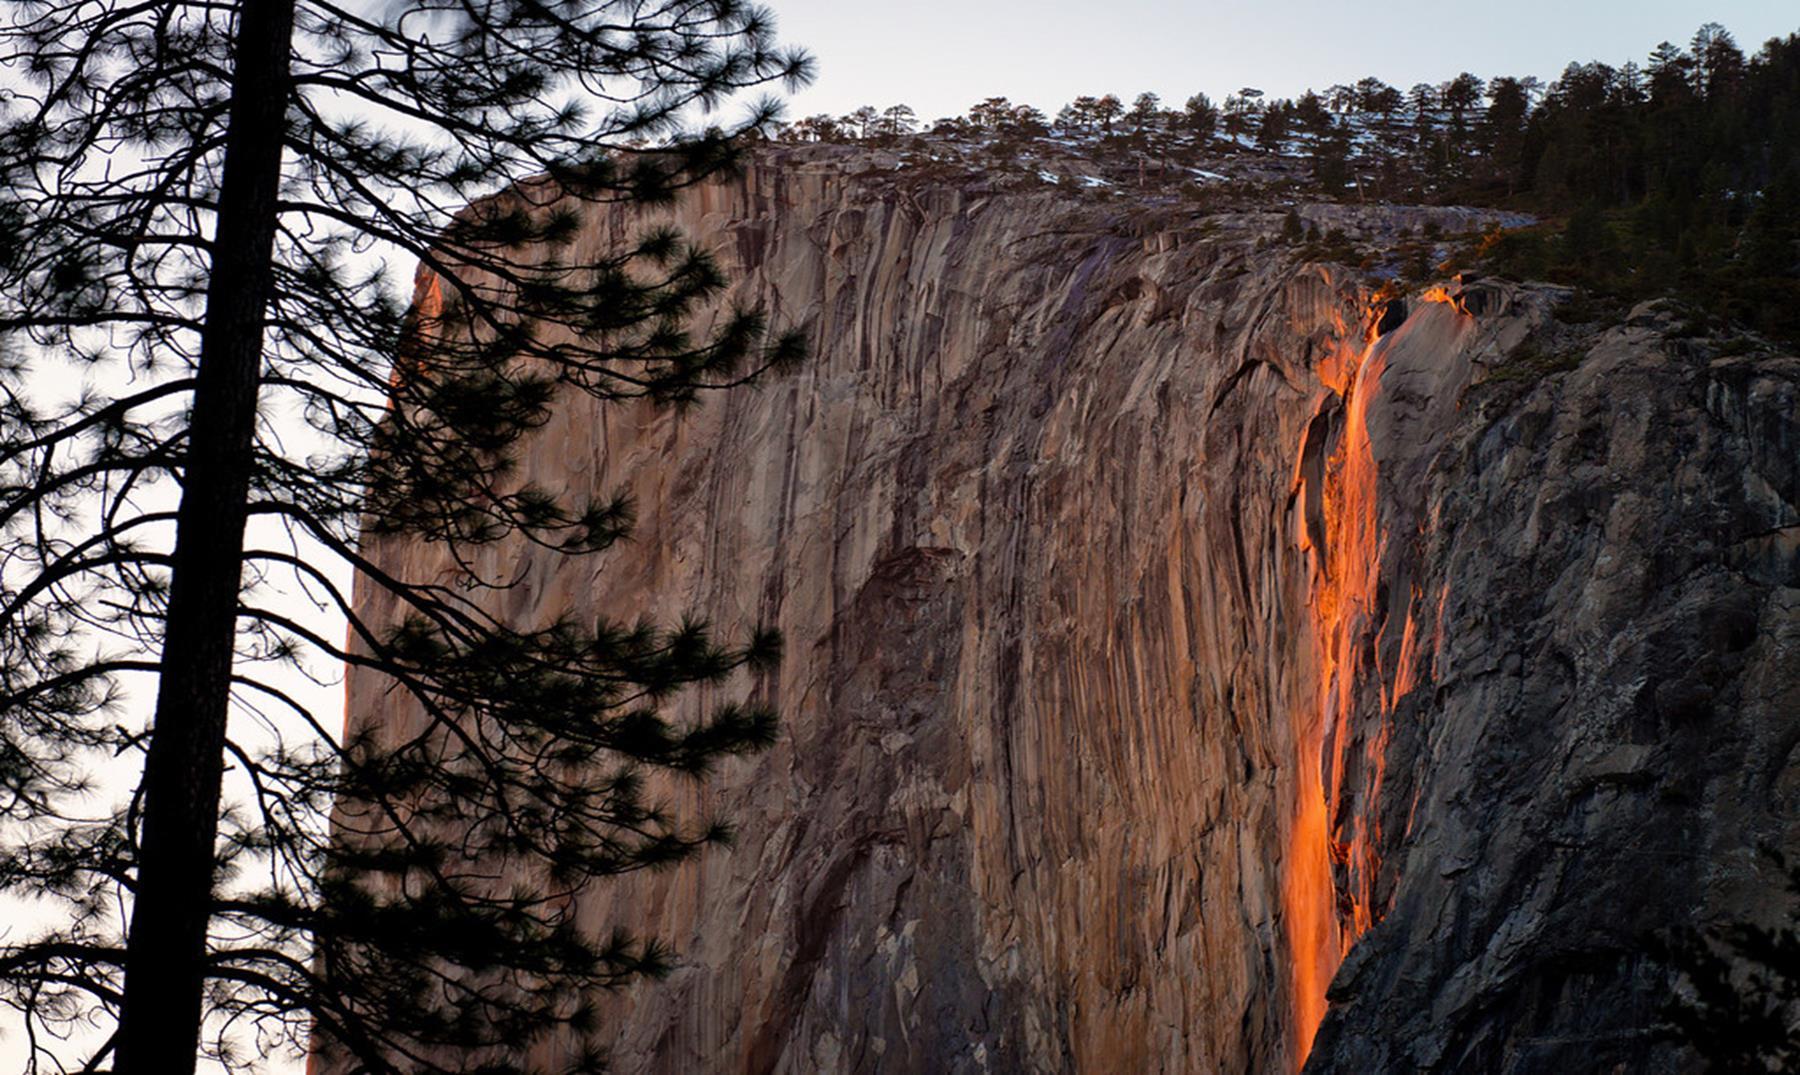 Lugares asombrosos: Horsetail fall, la cascada de fuego